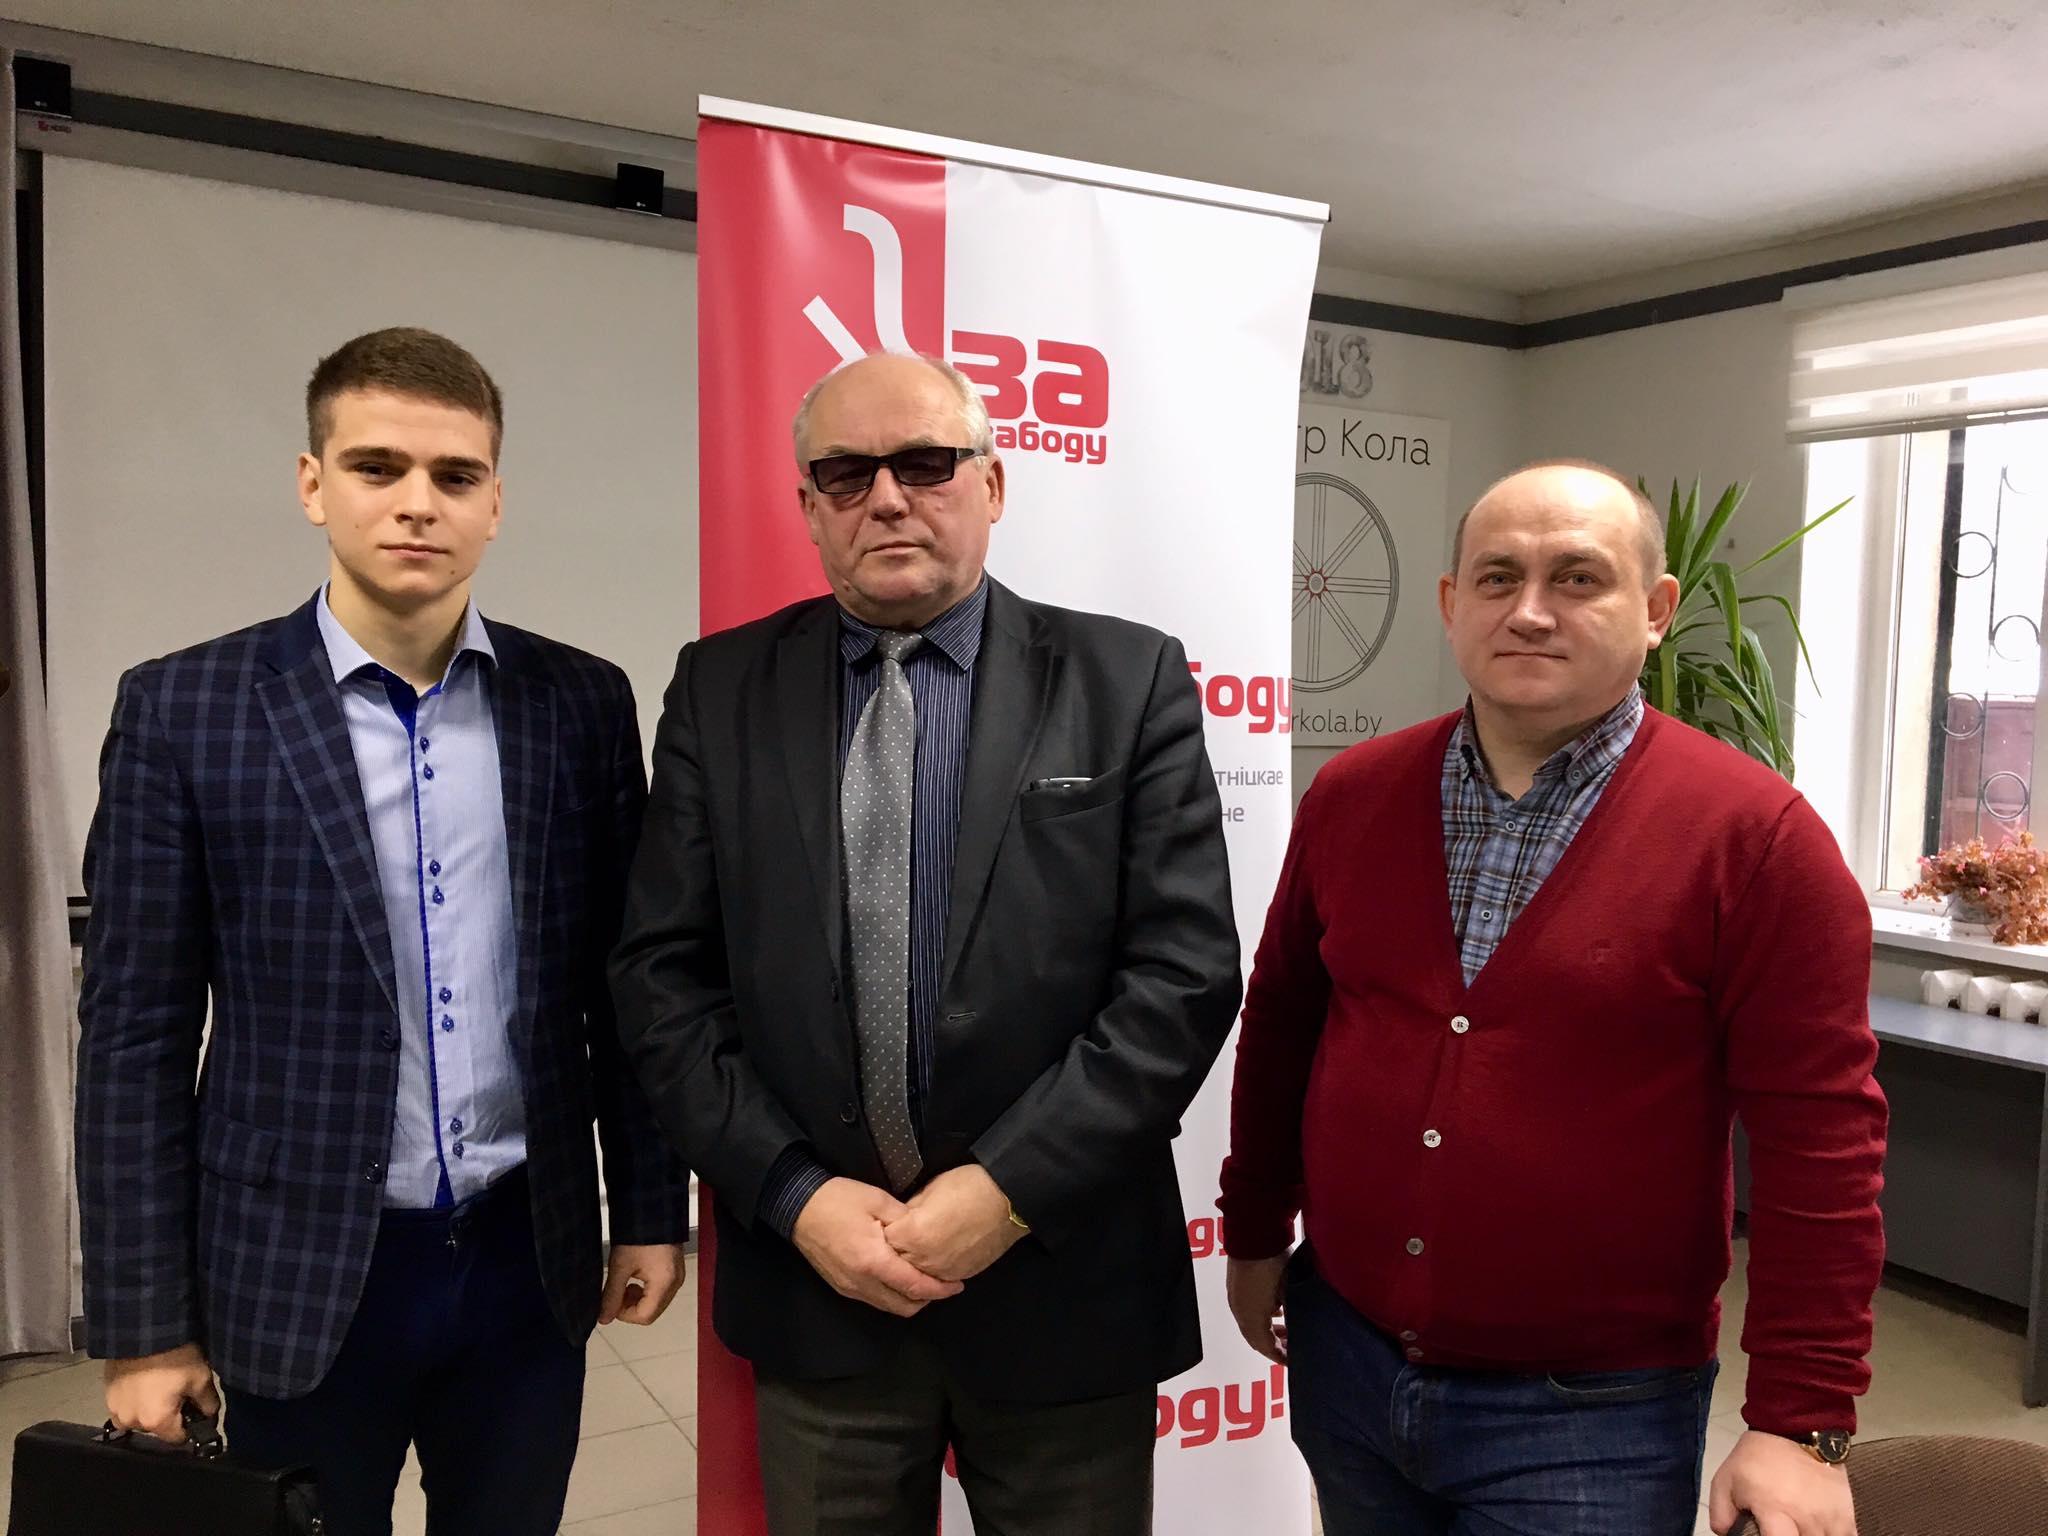 Председатель Молодежного парламента Могилева и секретарь БРСМ – в областном руководстве оппозиционного движения. Как так?